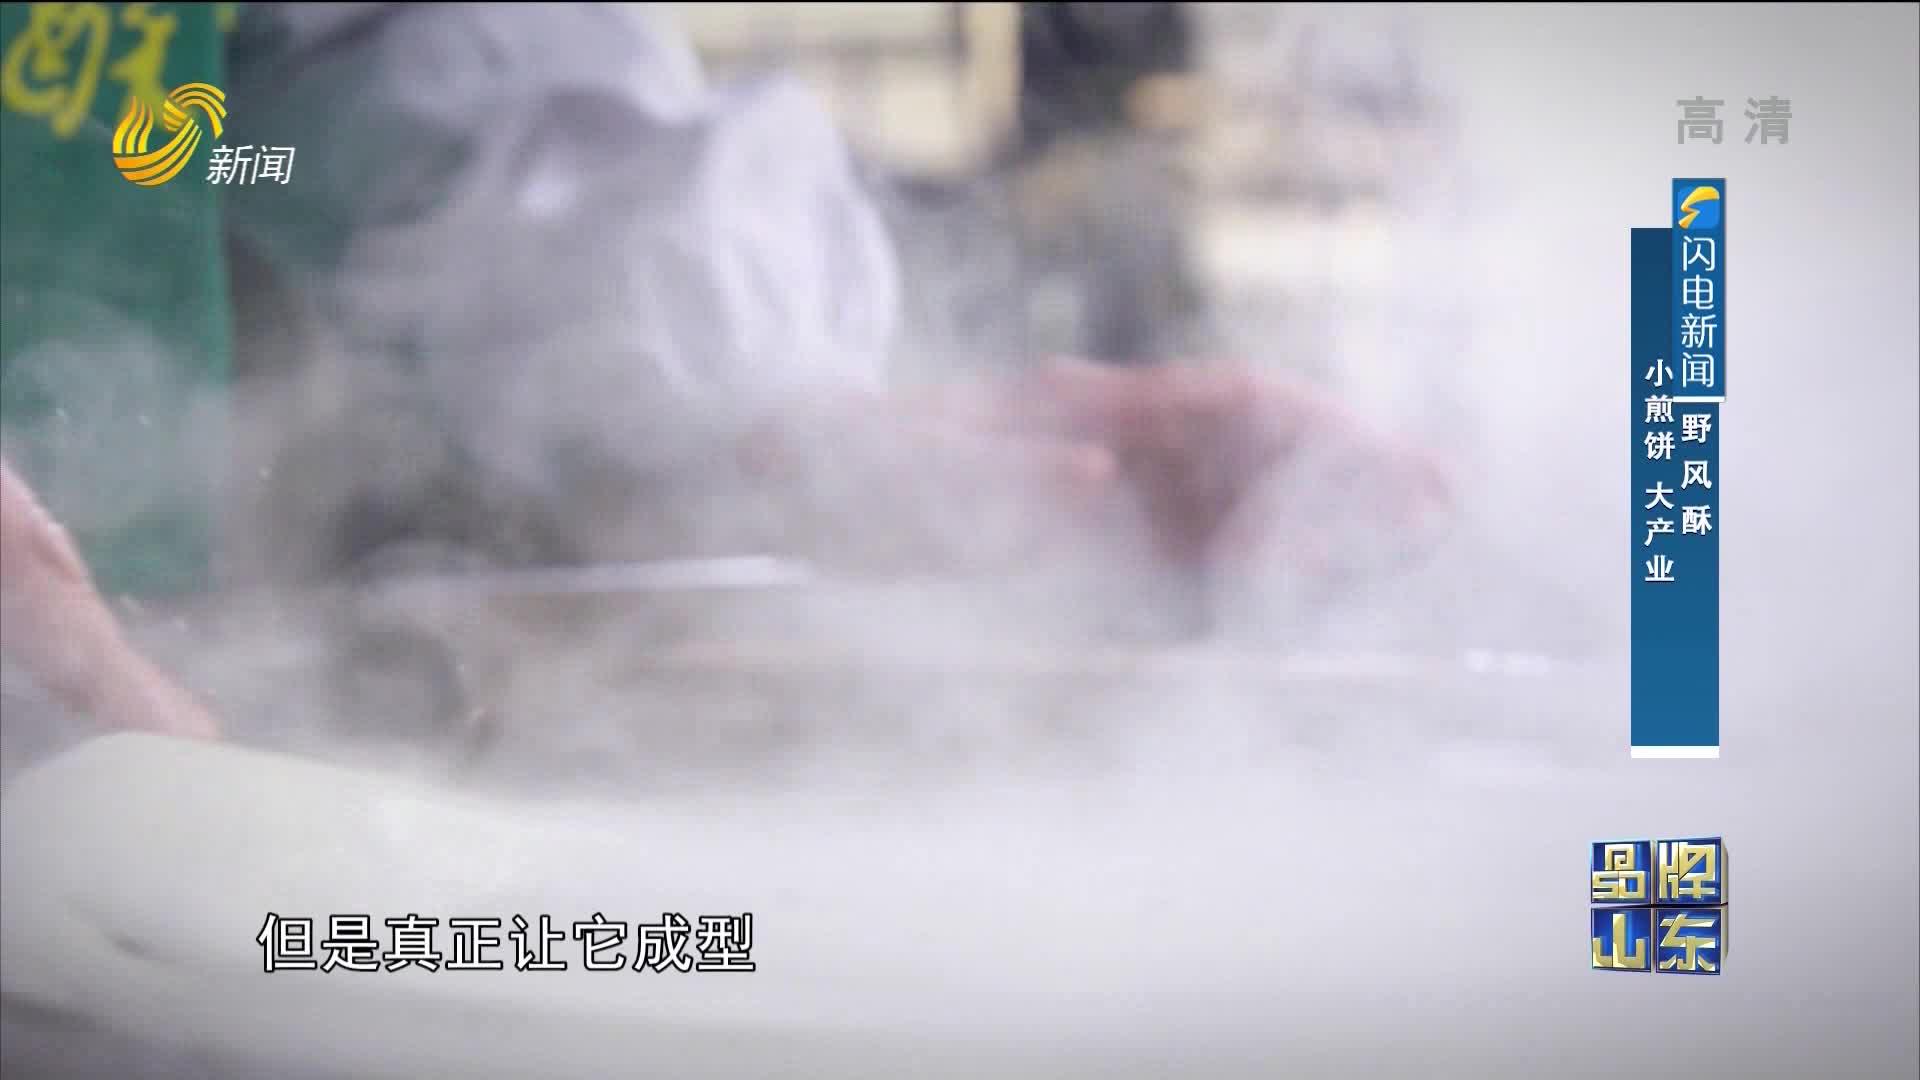 野风酥:小煎饼 大产业